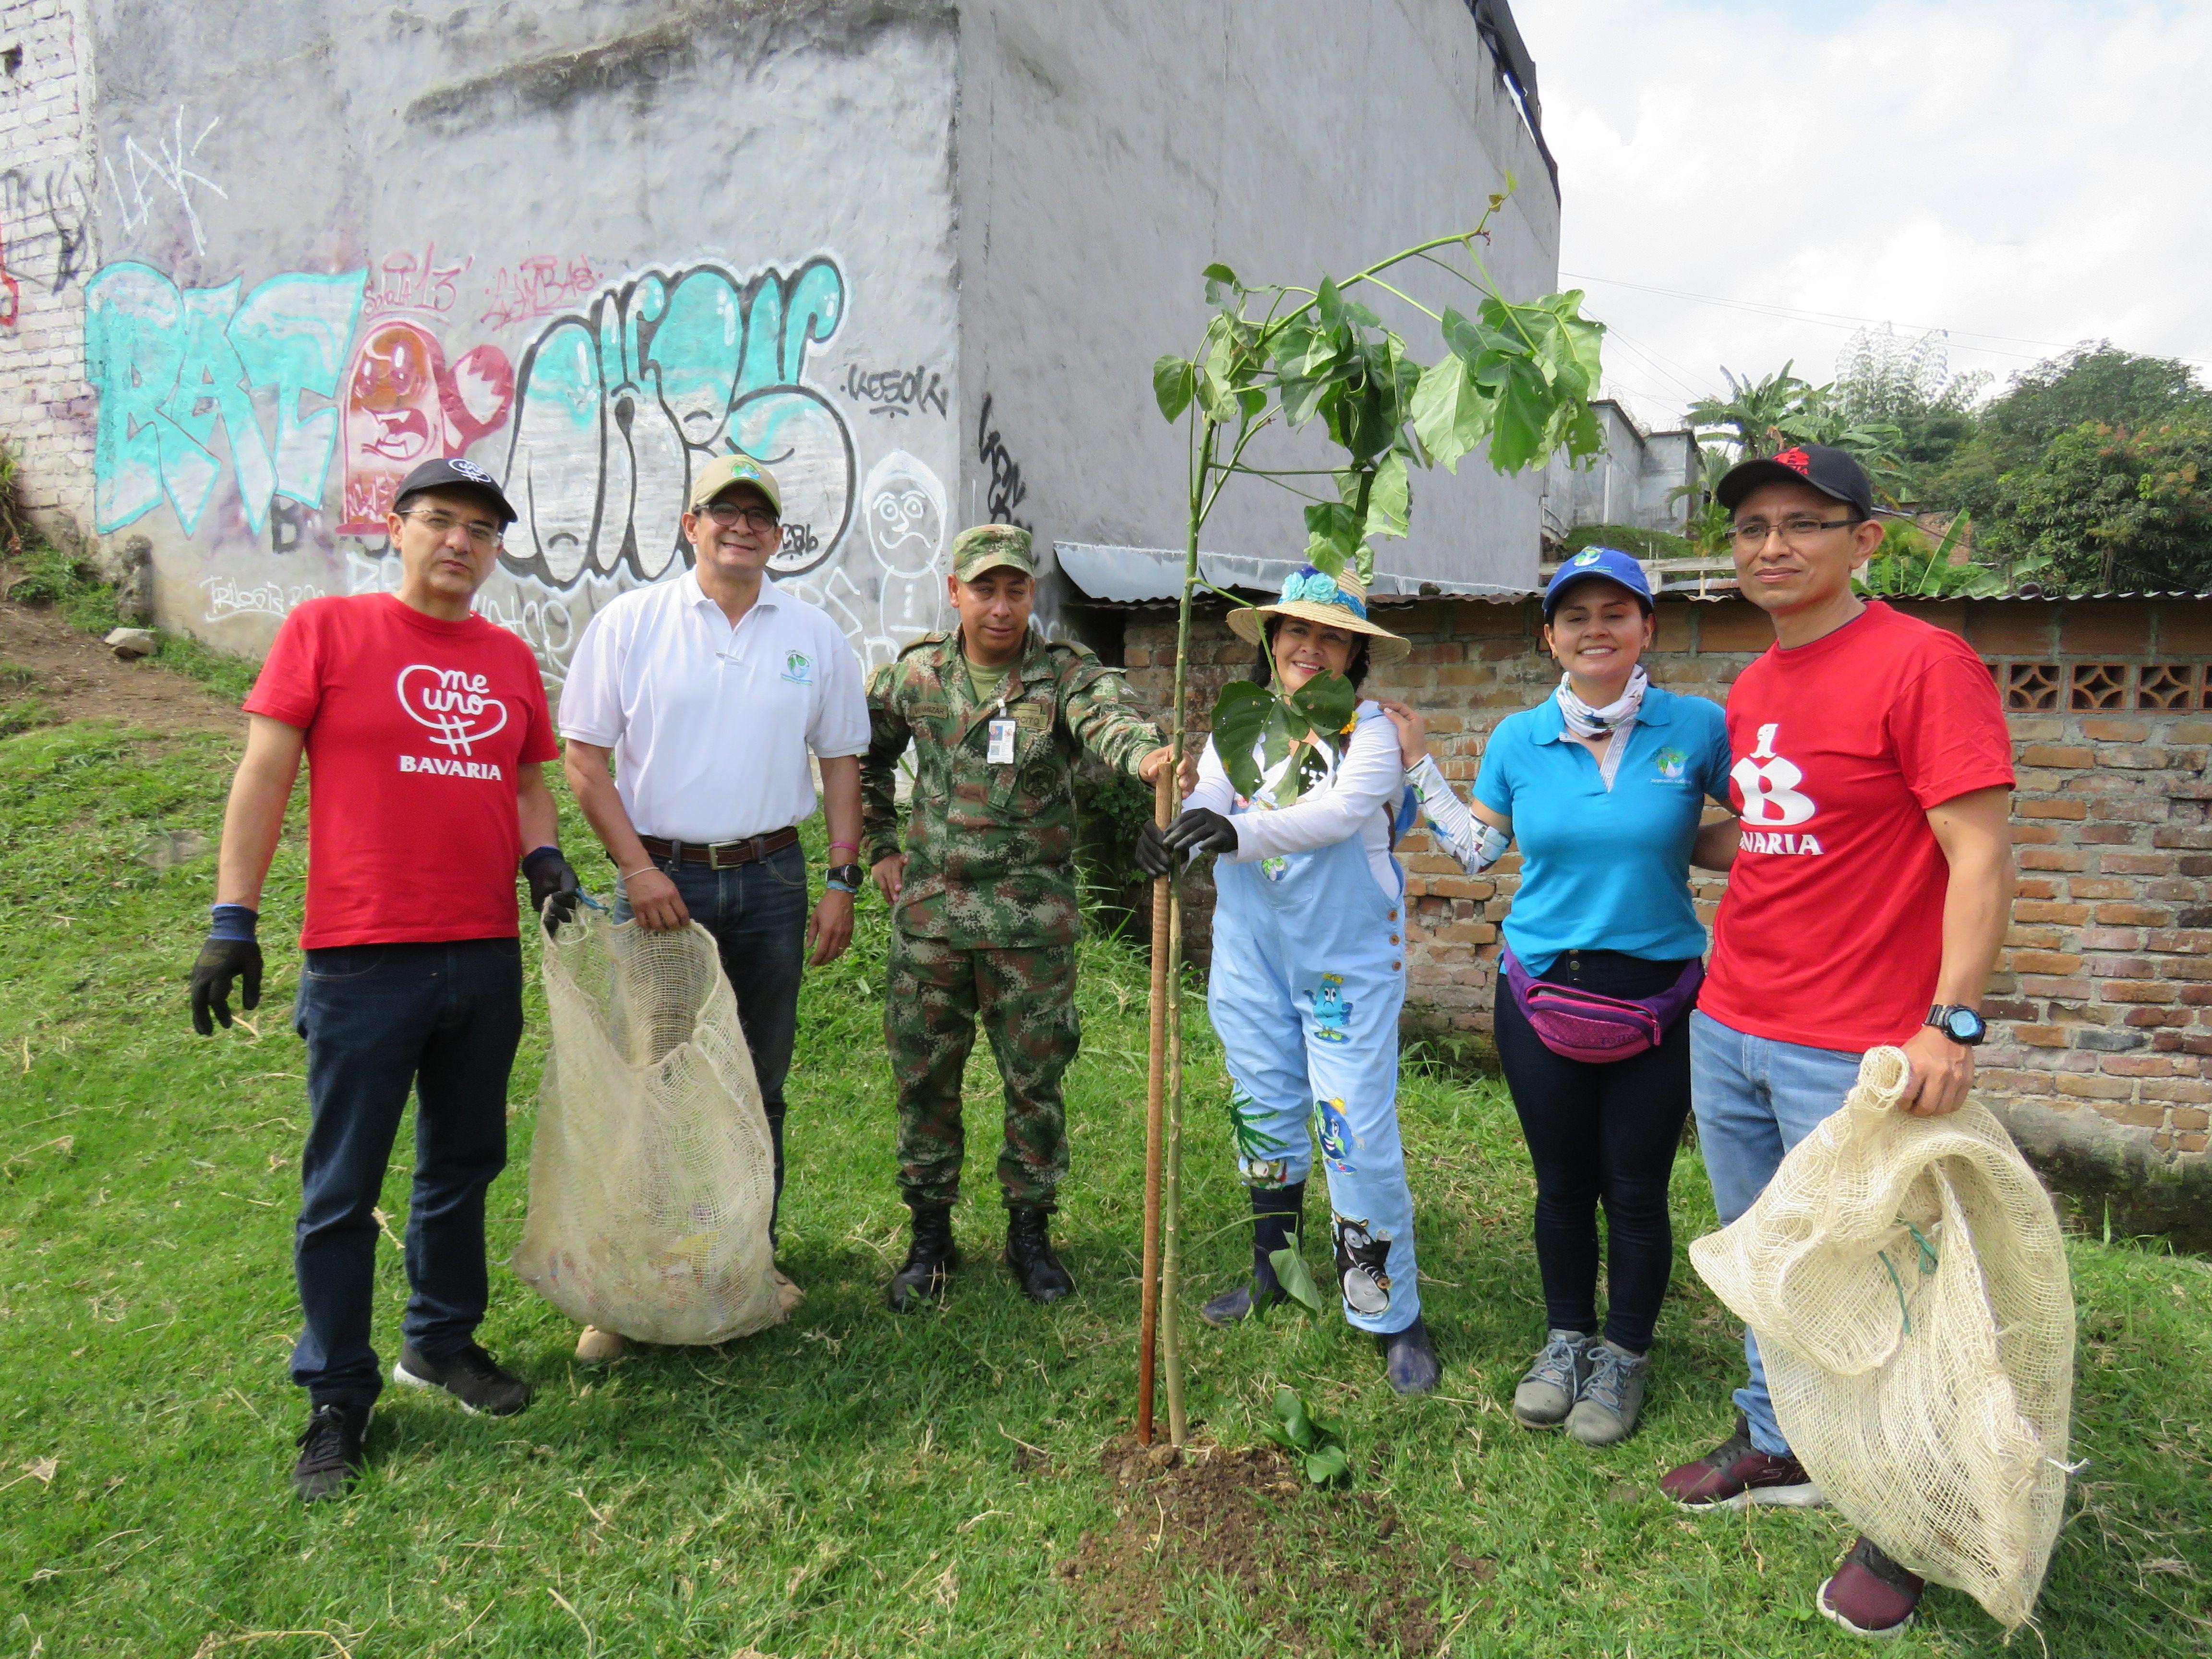 Más de 450 voluntarios y empresas de Ibagué se unieron para limpiar la quebrada El Tejar